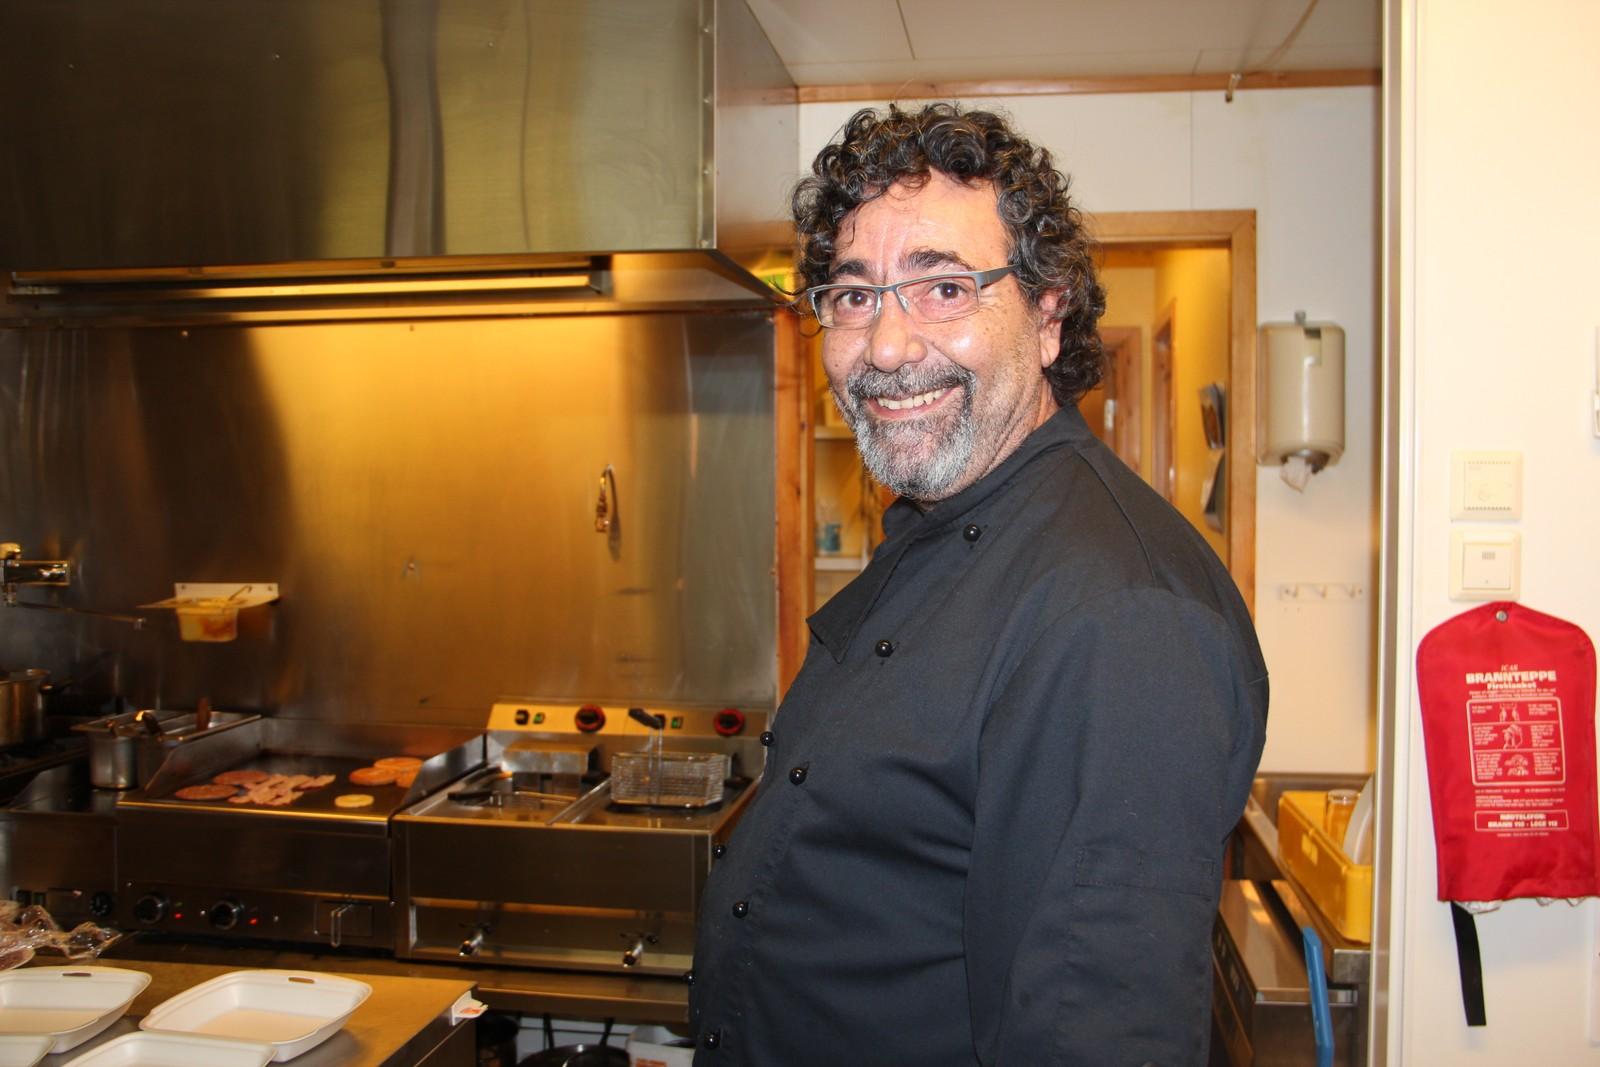 Adrian Sergio Plaza på kafeen håper Kvænangen står alene. – Man må tenke på de kommunale jobbene, sier han.